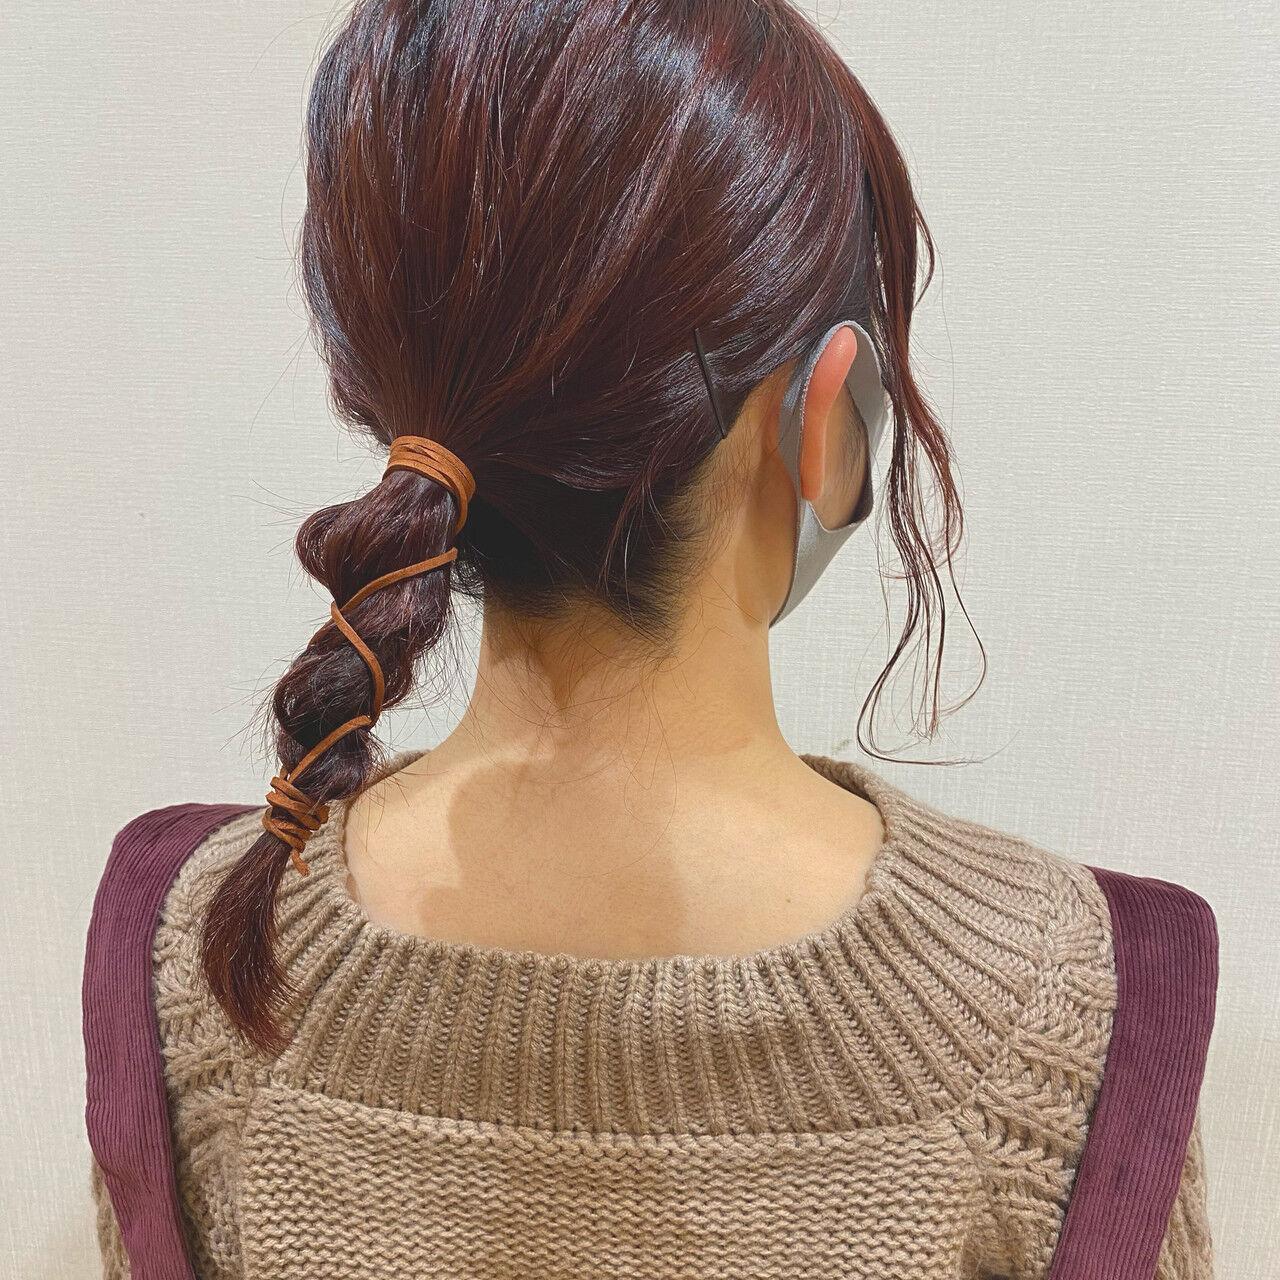 簡単ヘアアレンジ 三つ編み たまねぎアレンジ セルフヘアアレンジヘアスタイルや髪型の写真・画像